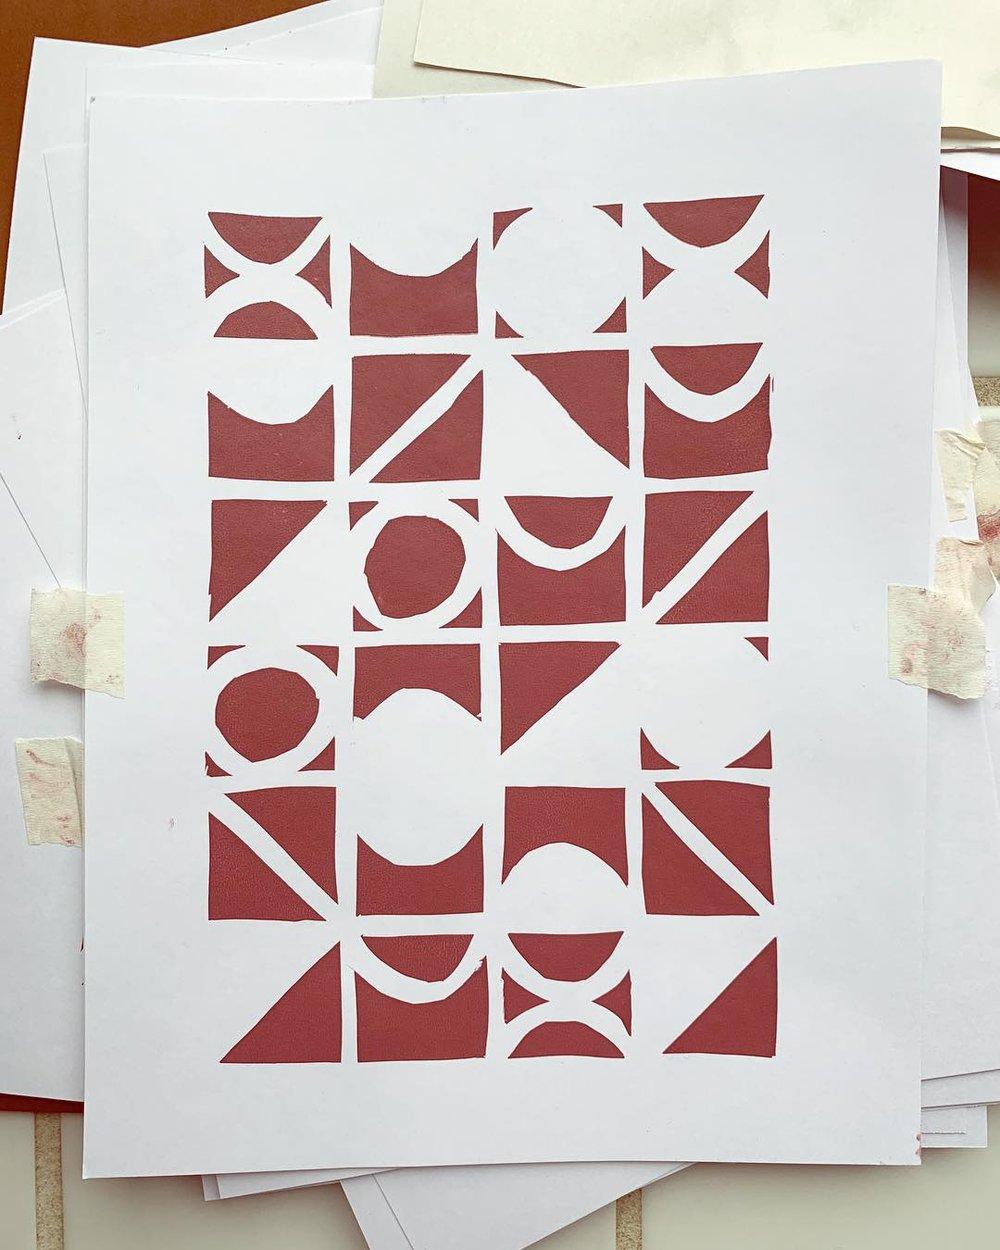 stencil-method screenprint  2019